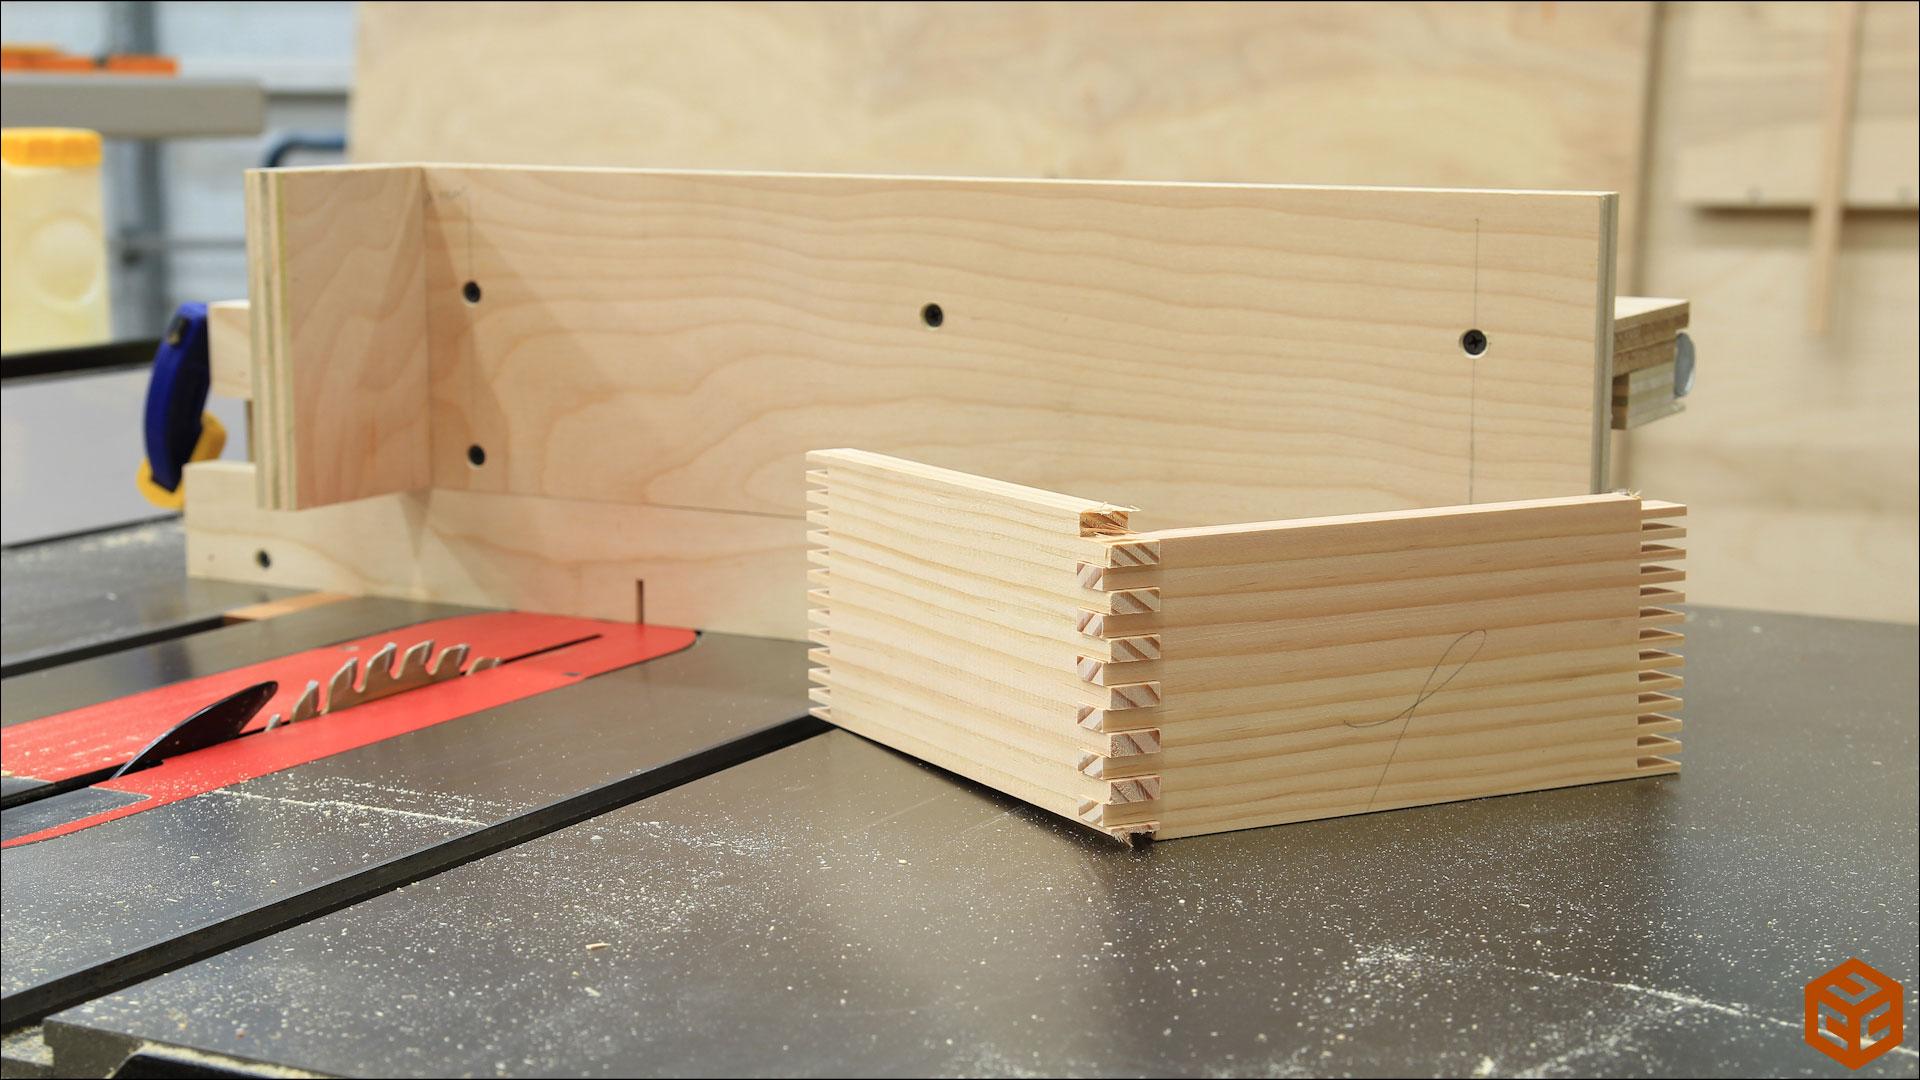 Table Saw Box Joint Jig | Jays Custom Creations